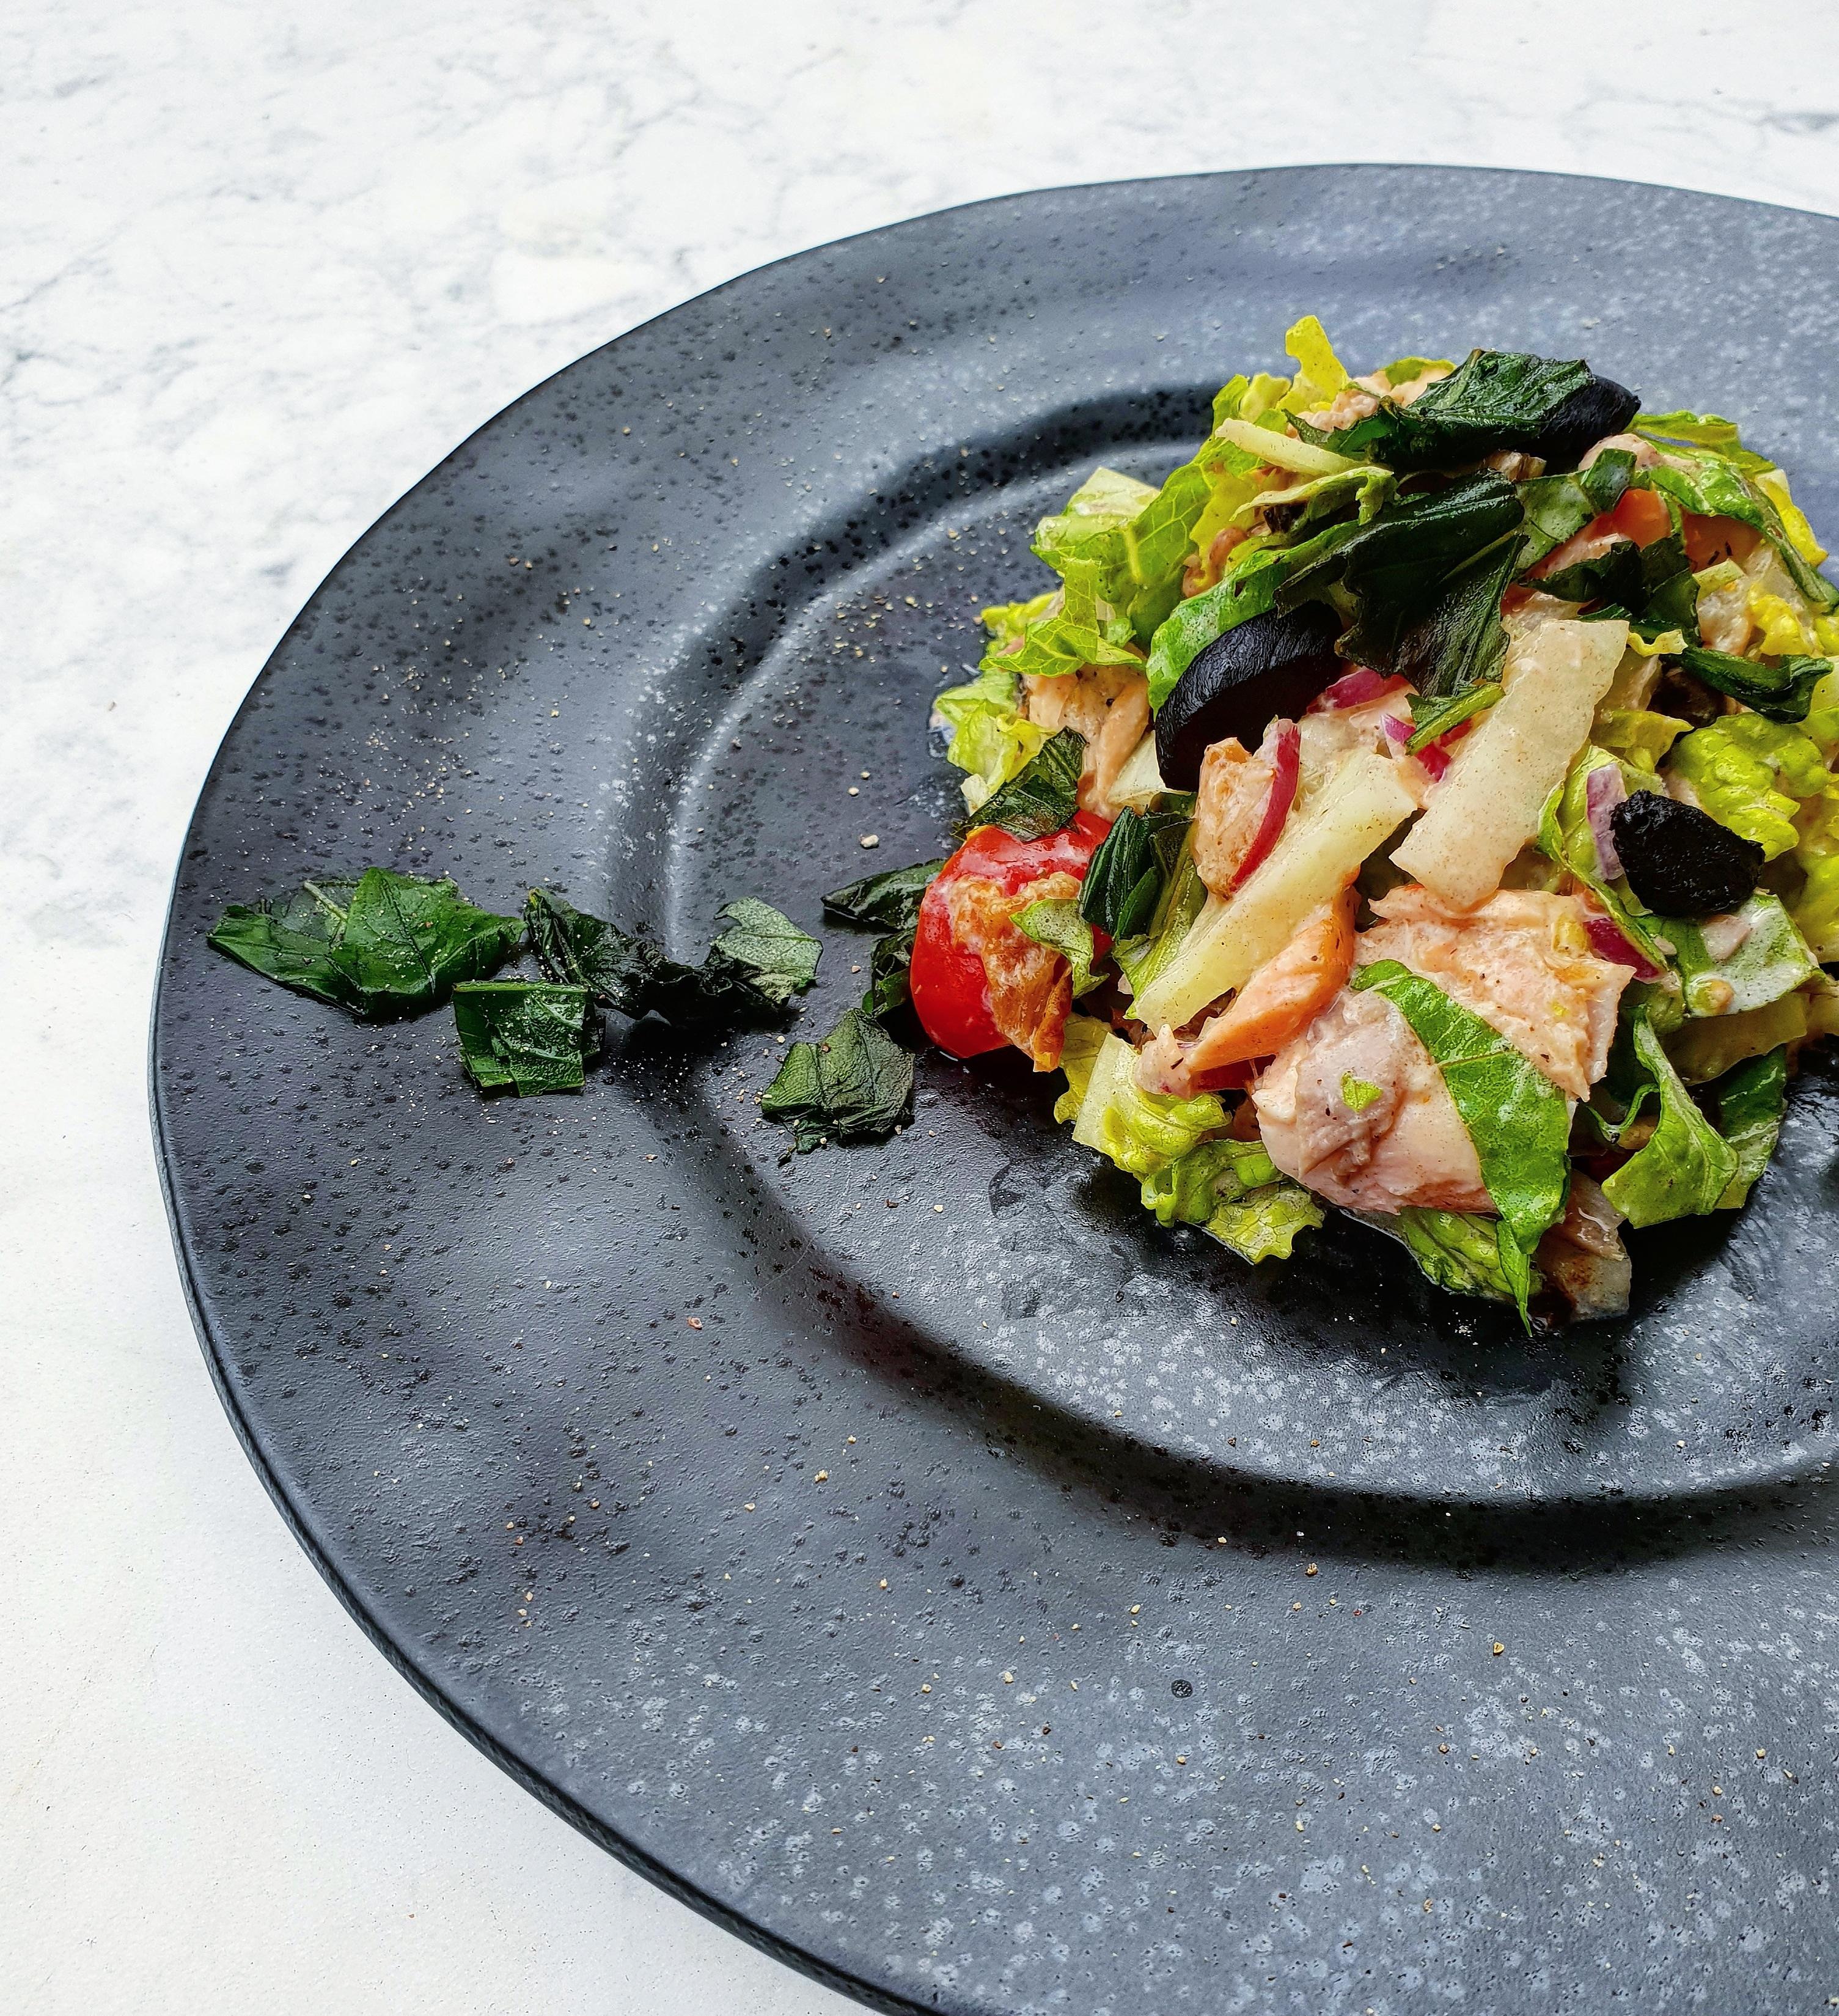 Podzimní salátek plný vitamínů a antioxidantů